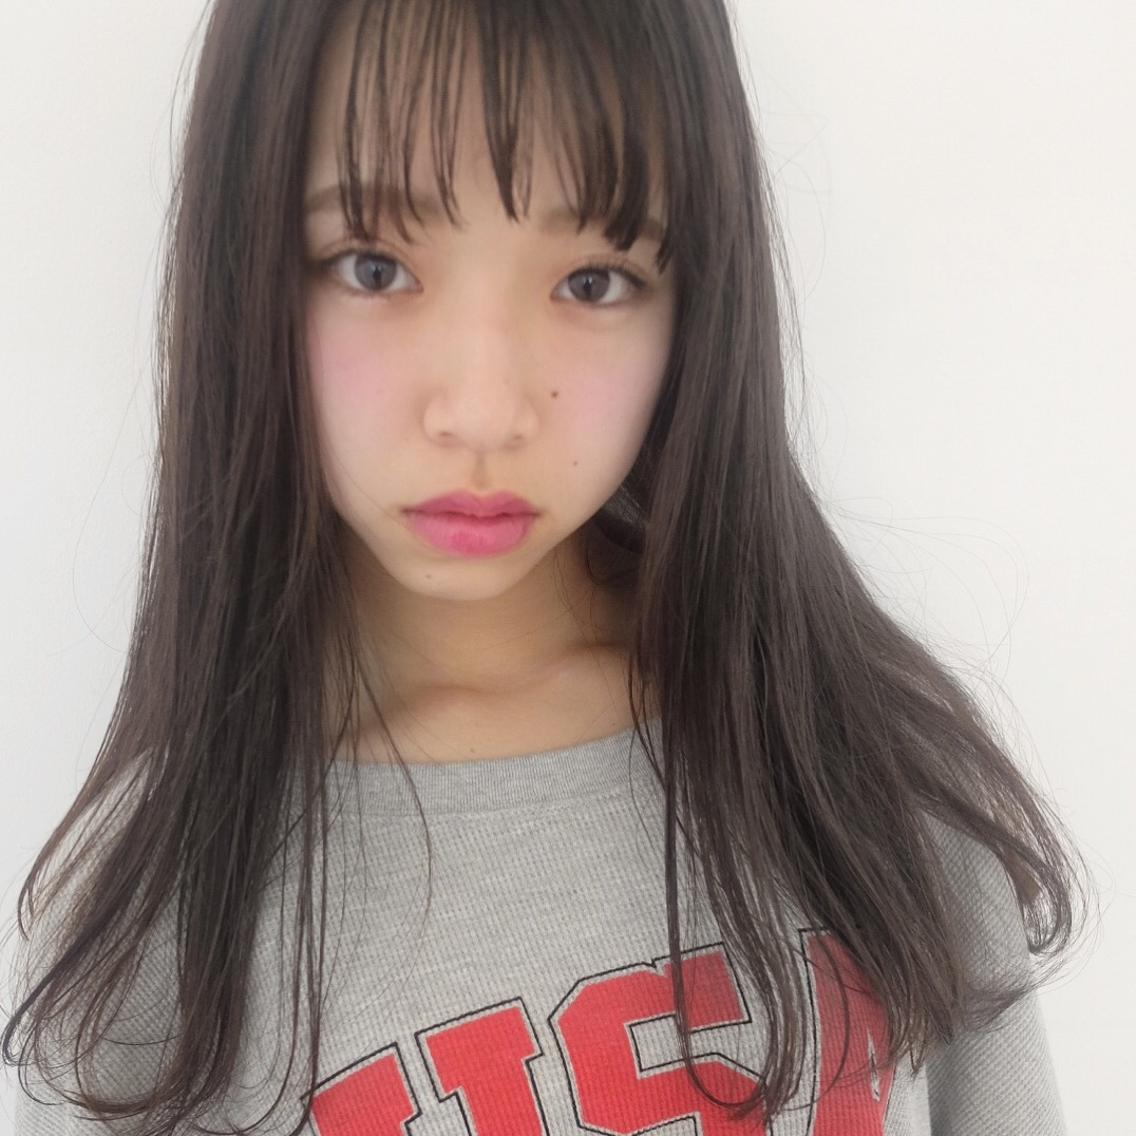 かわいいクリアグレージュ☆ カットは、透け感、束感のでる毛先と